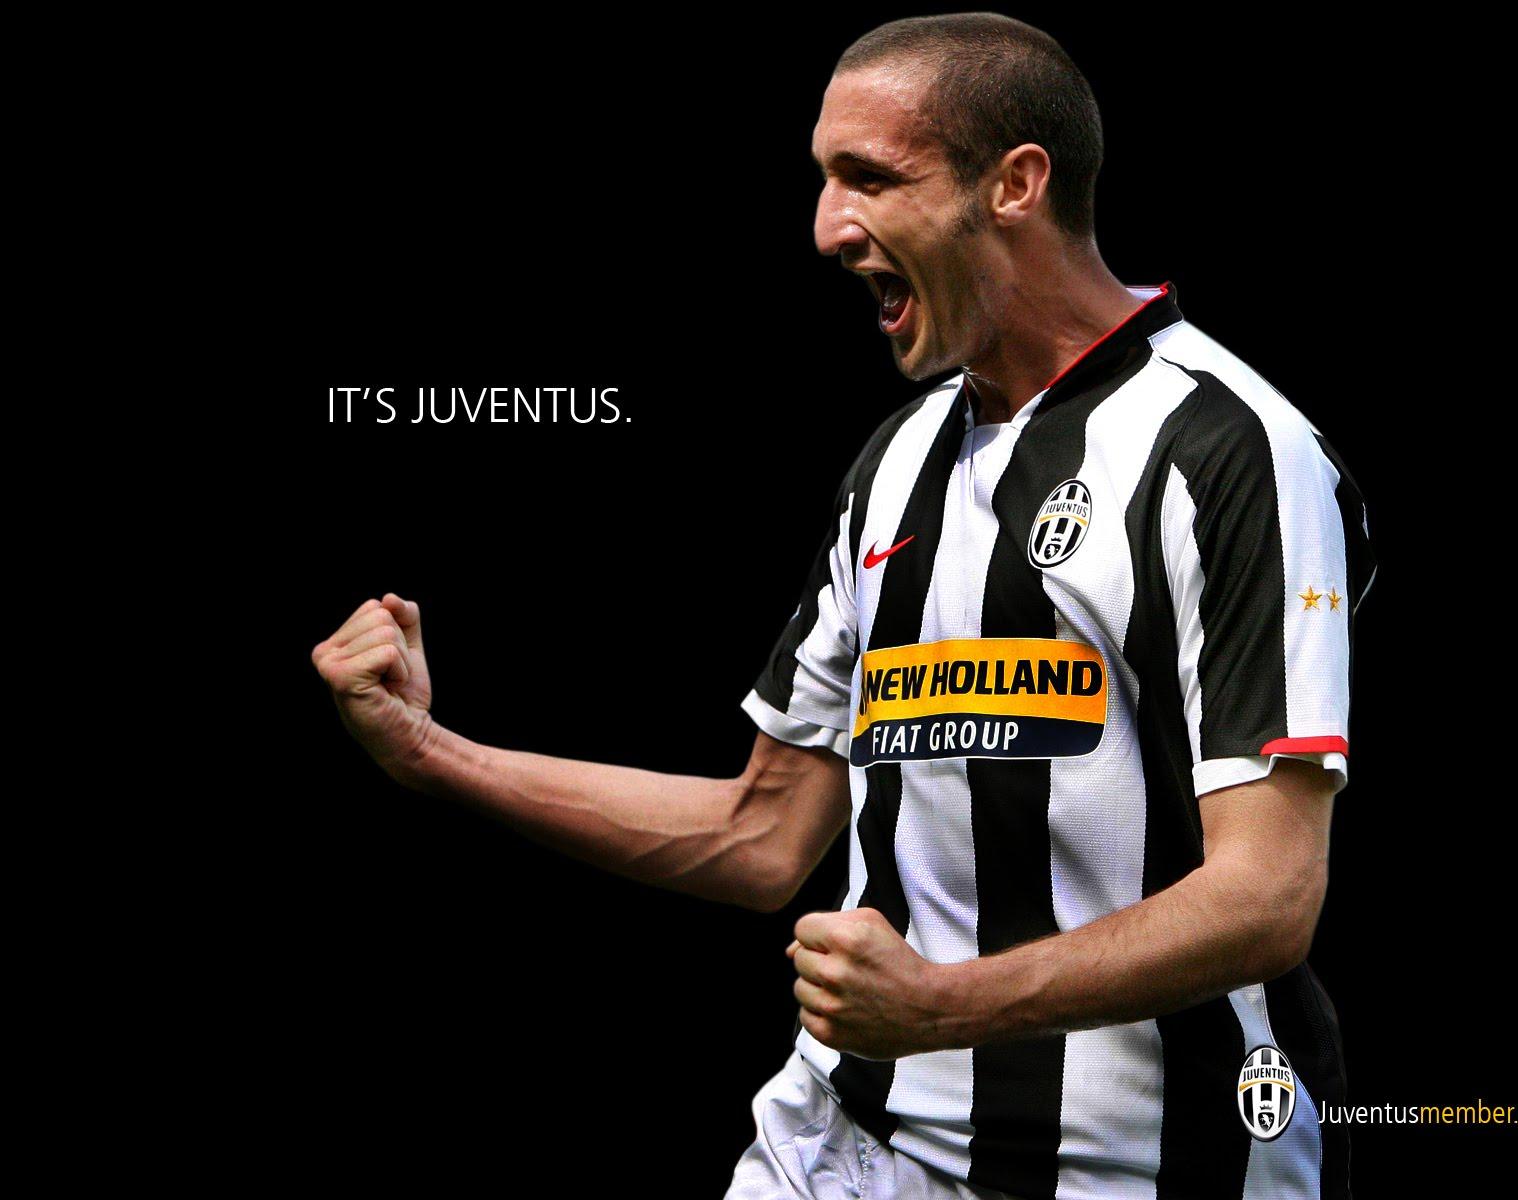 The Best Footballers Giorgio Chiellini desktop wallpaper